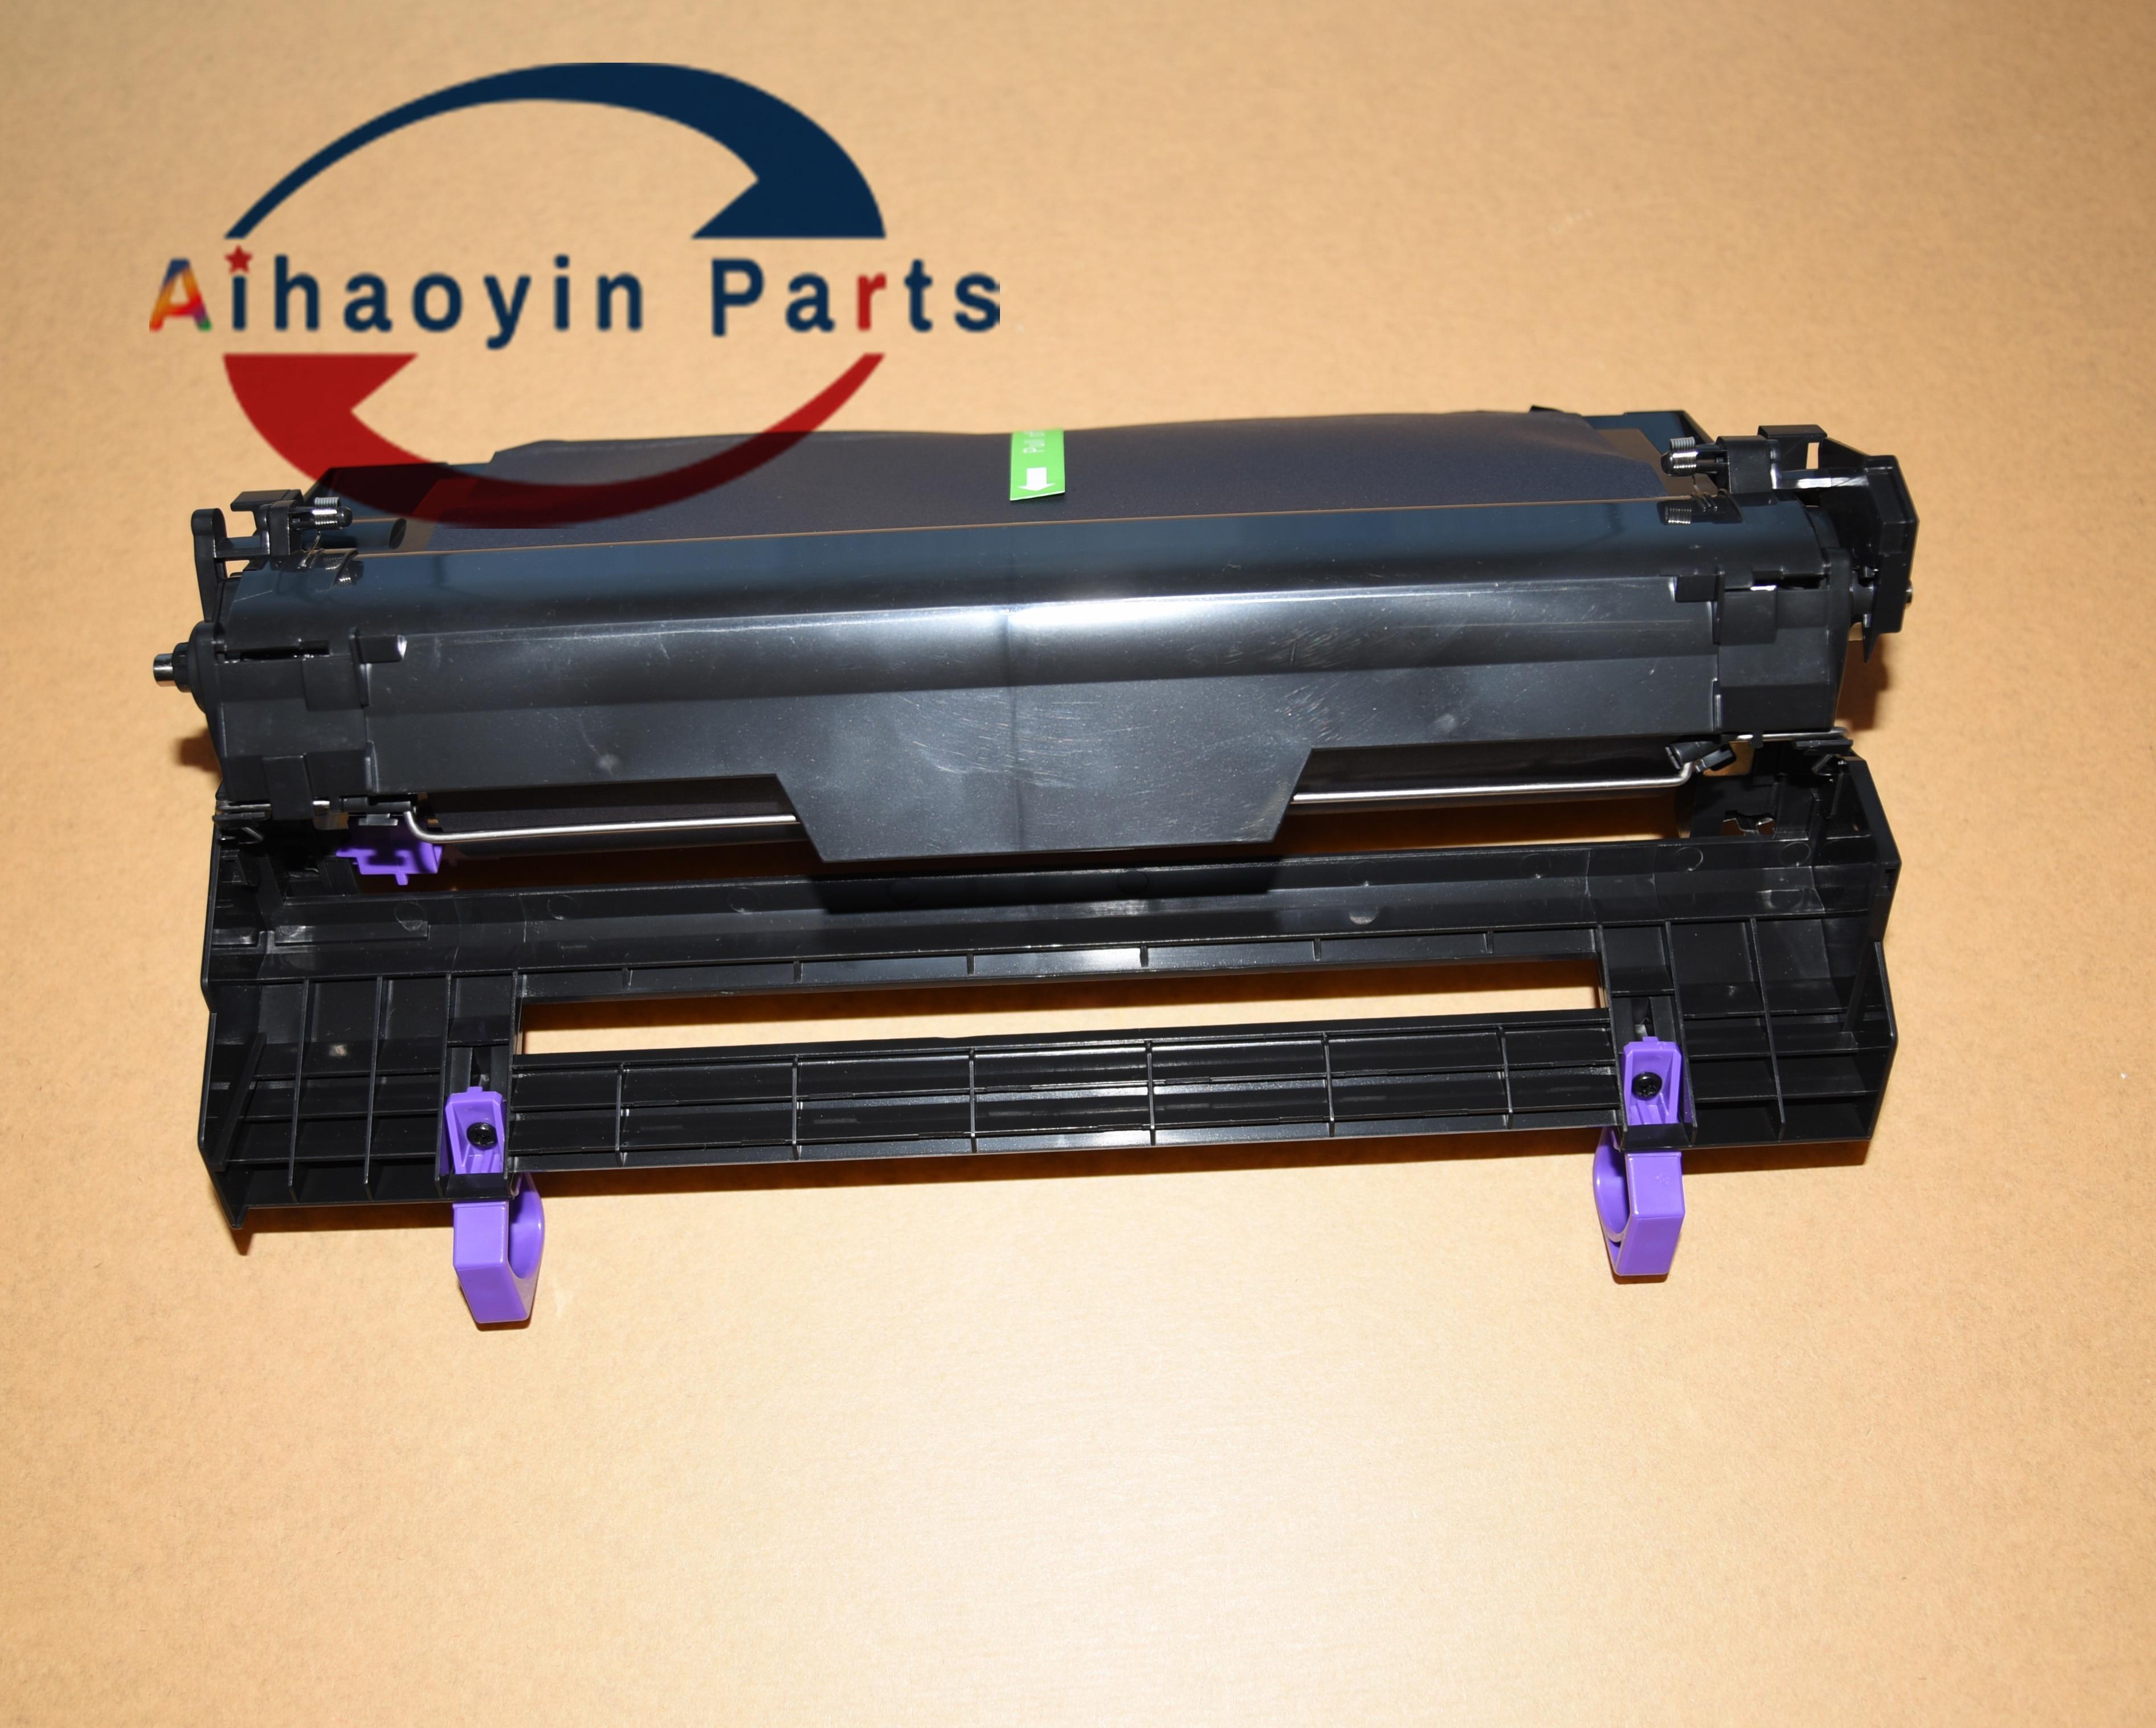 1 pièces nouveau 302LZ93060 302LZ93061 Unité De Tambour pour Kyocera FS 1035 1135 1320 1370 M2035 M2535 P2135 FS1035 FS1135 FS1320 FS1370 DK170